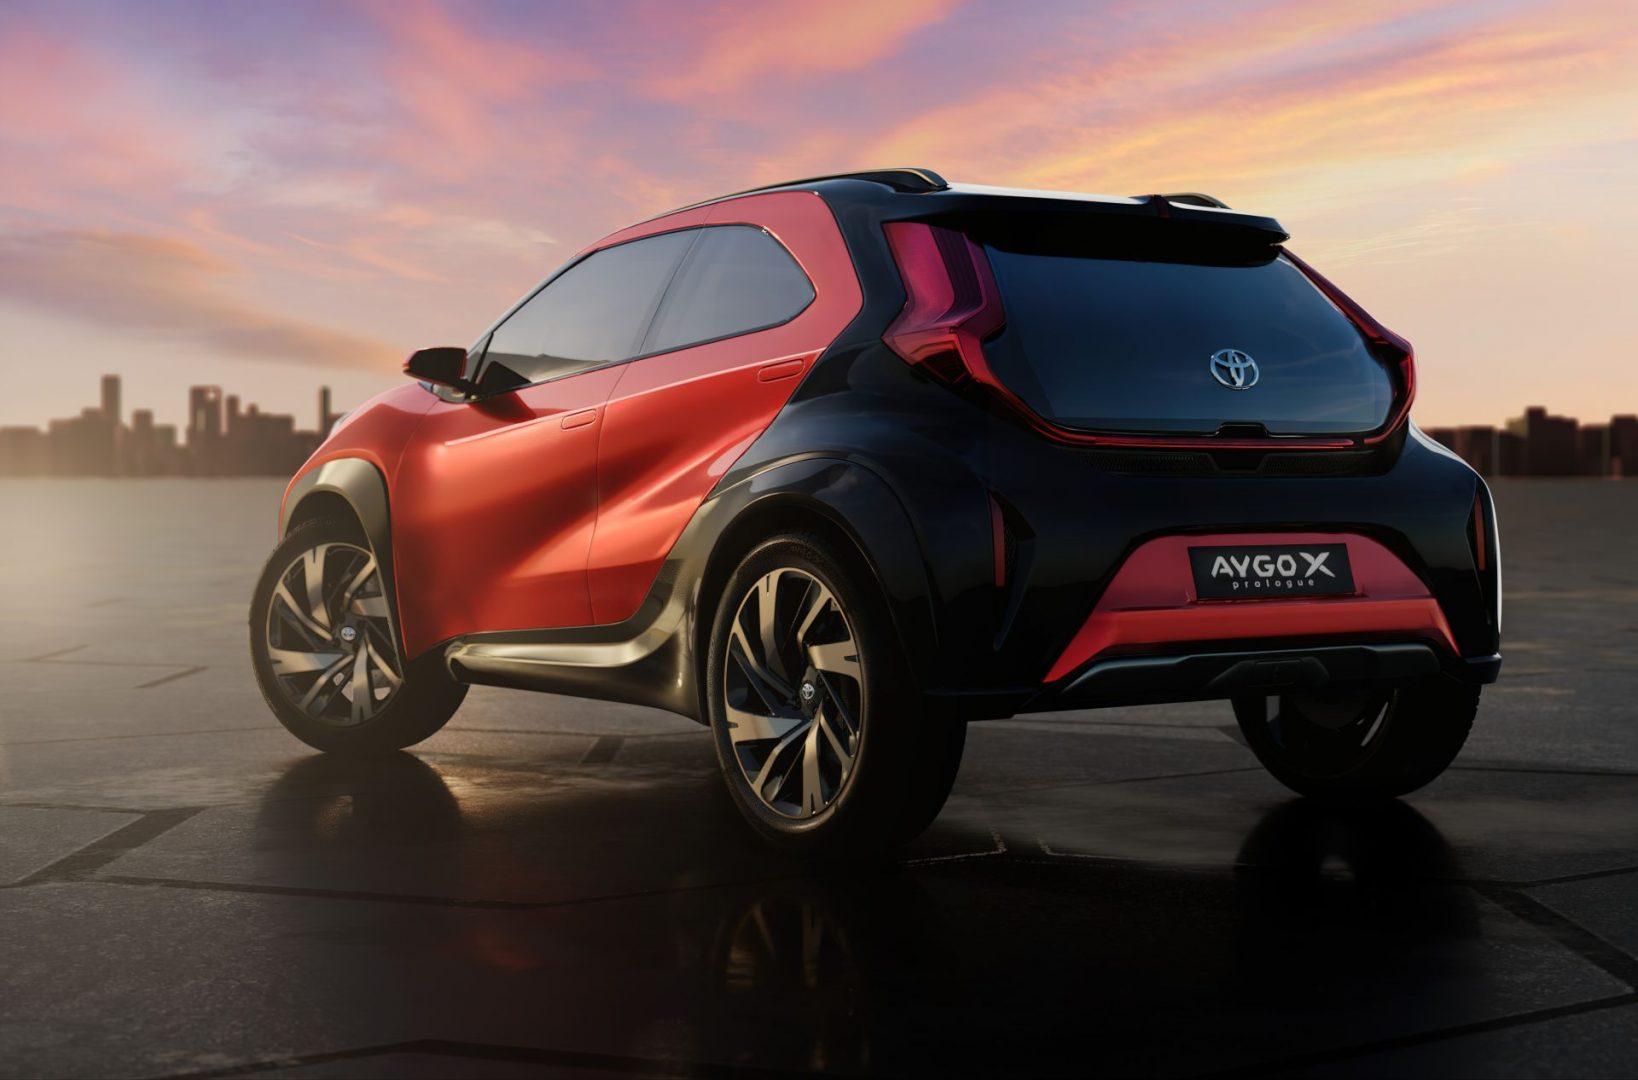 Toyota Aygo X prologue koncept najavljuje novu generaciju gradskog modela